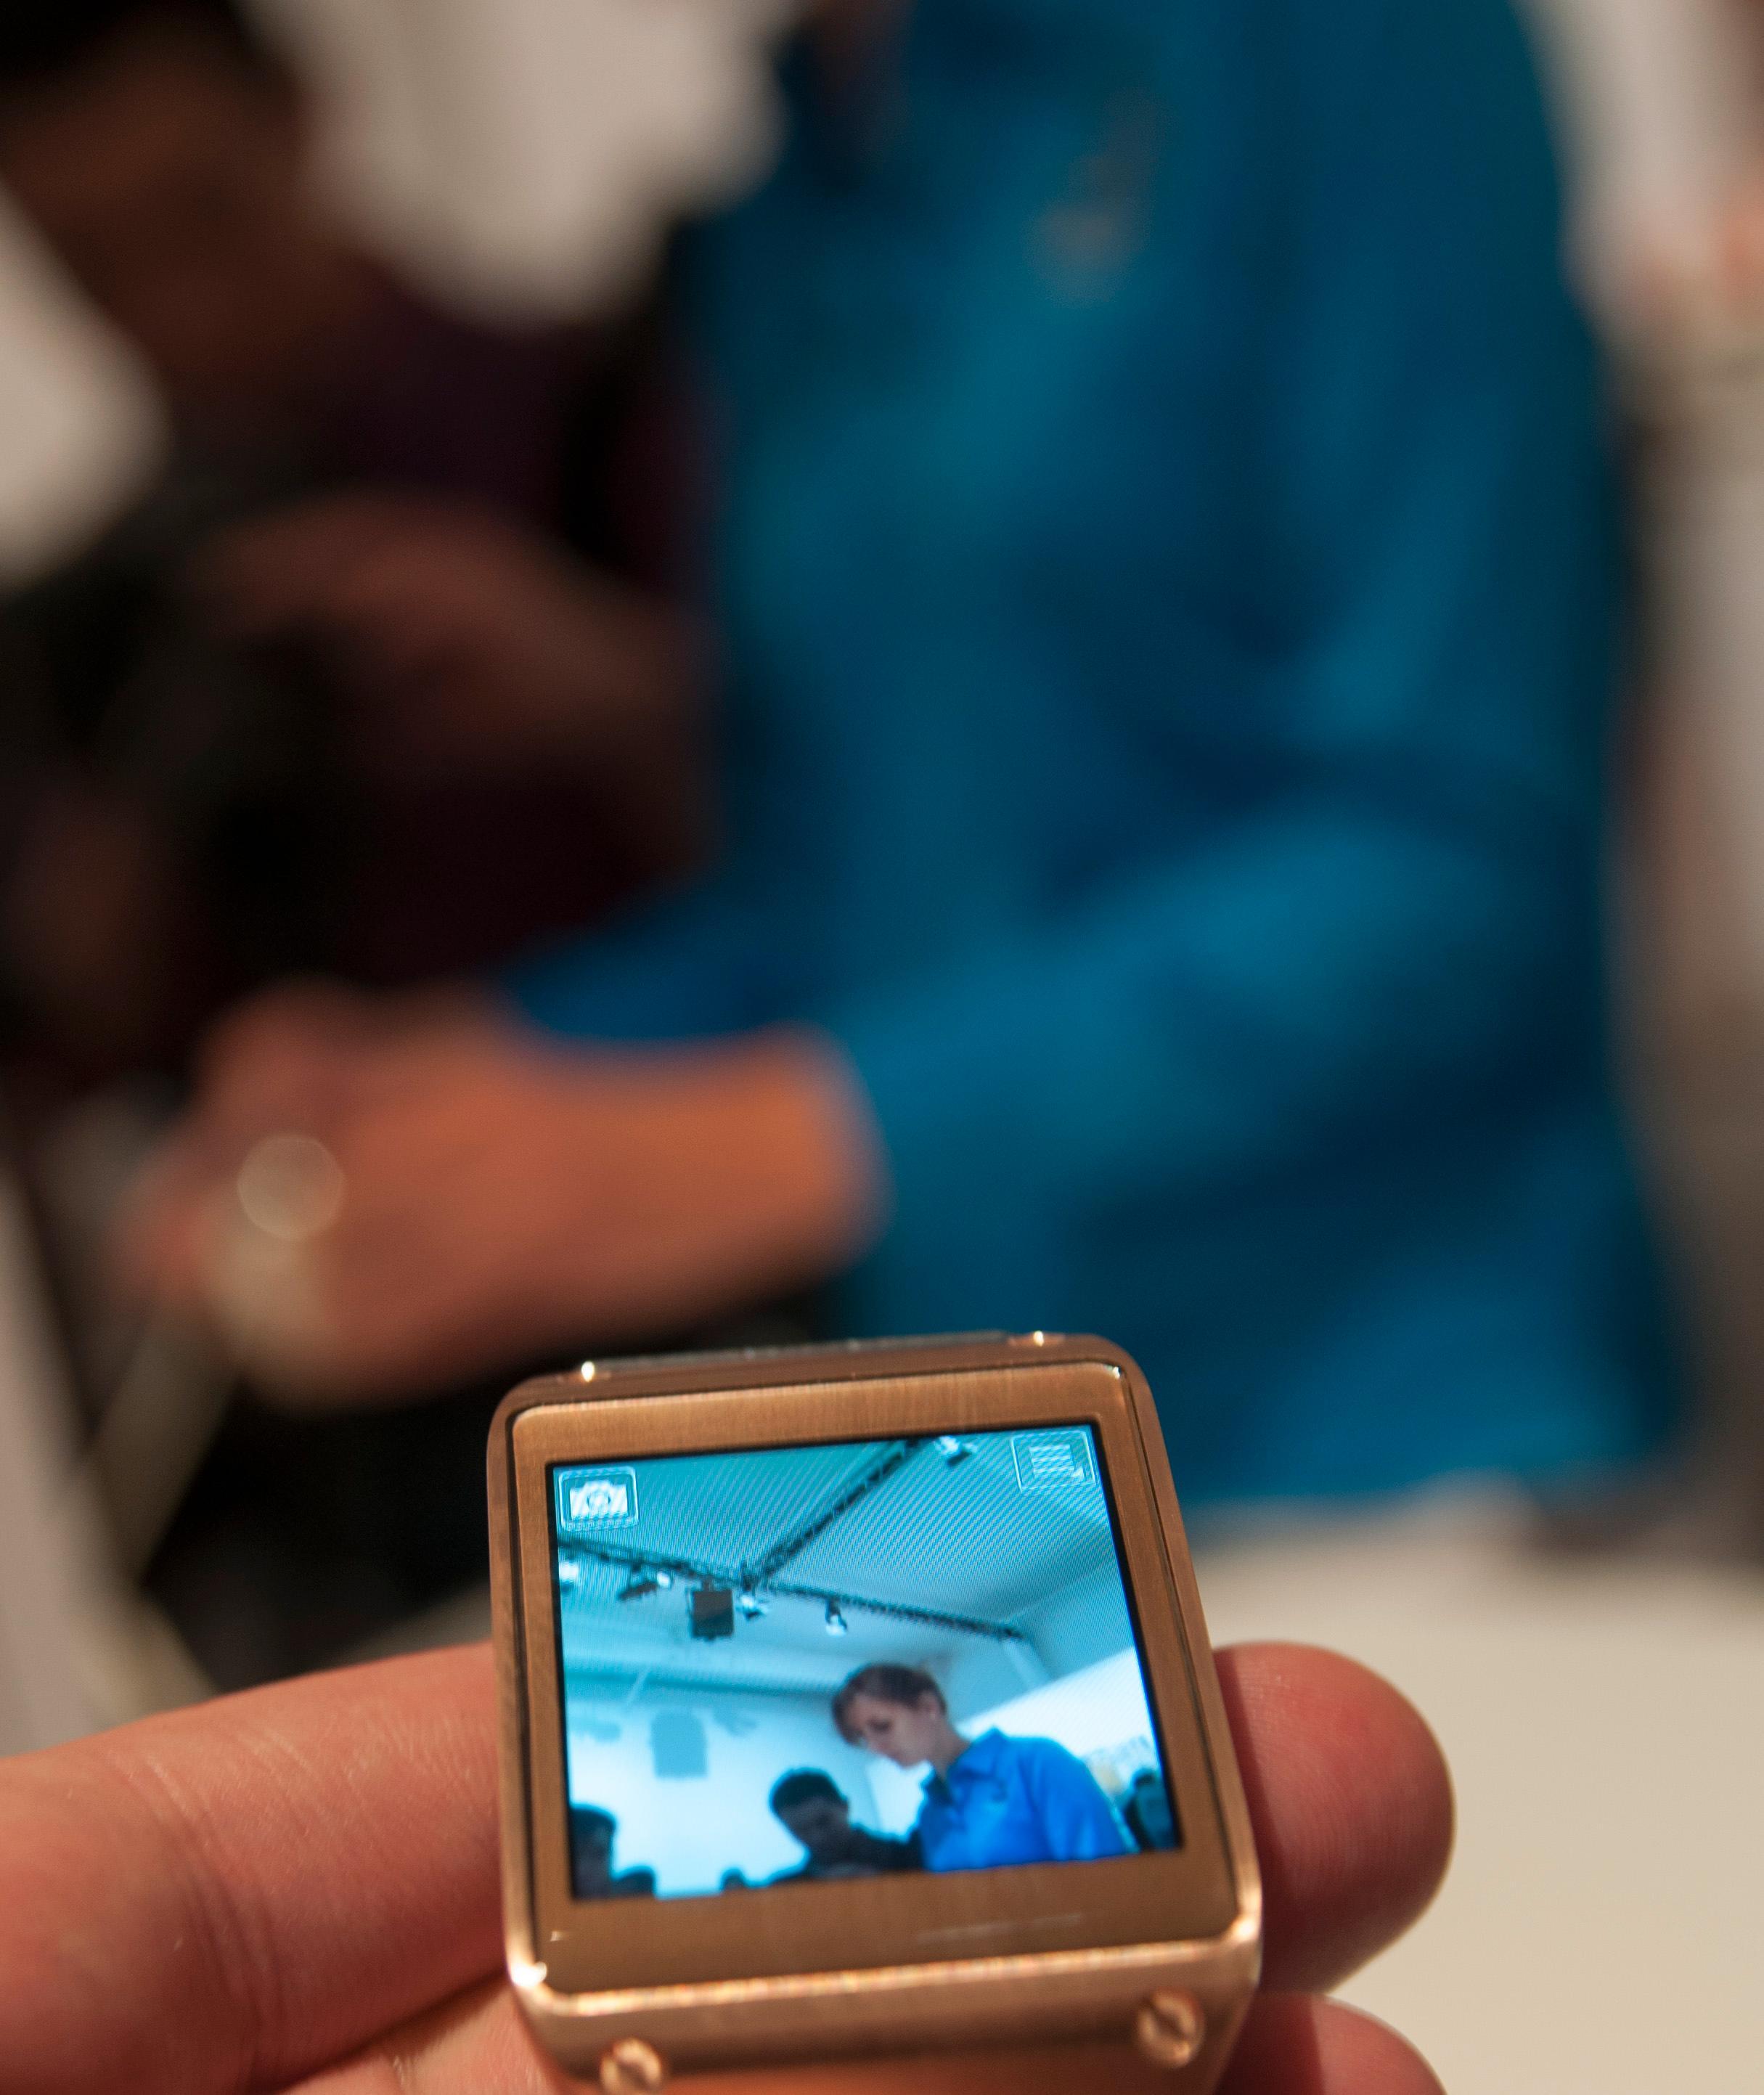 Kameraet på Galaxy Gear knipser bilder med 1,9 megapikslers oppløsning.Foto: Finn Jarle Kvalheim, Amobil.no